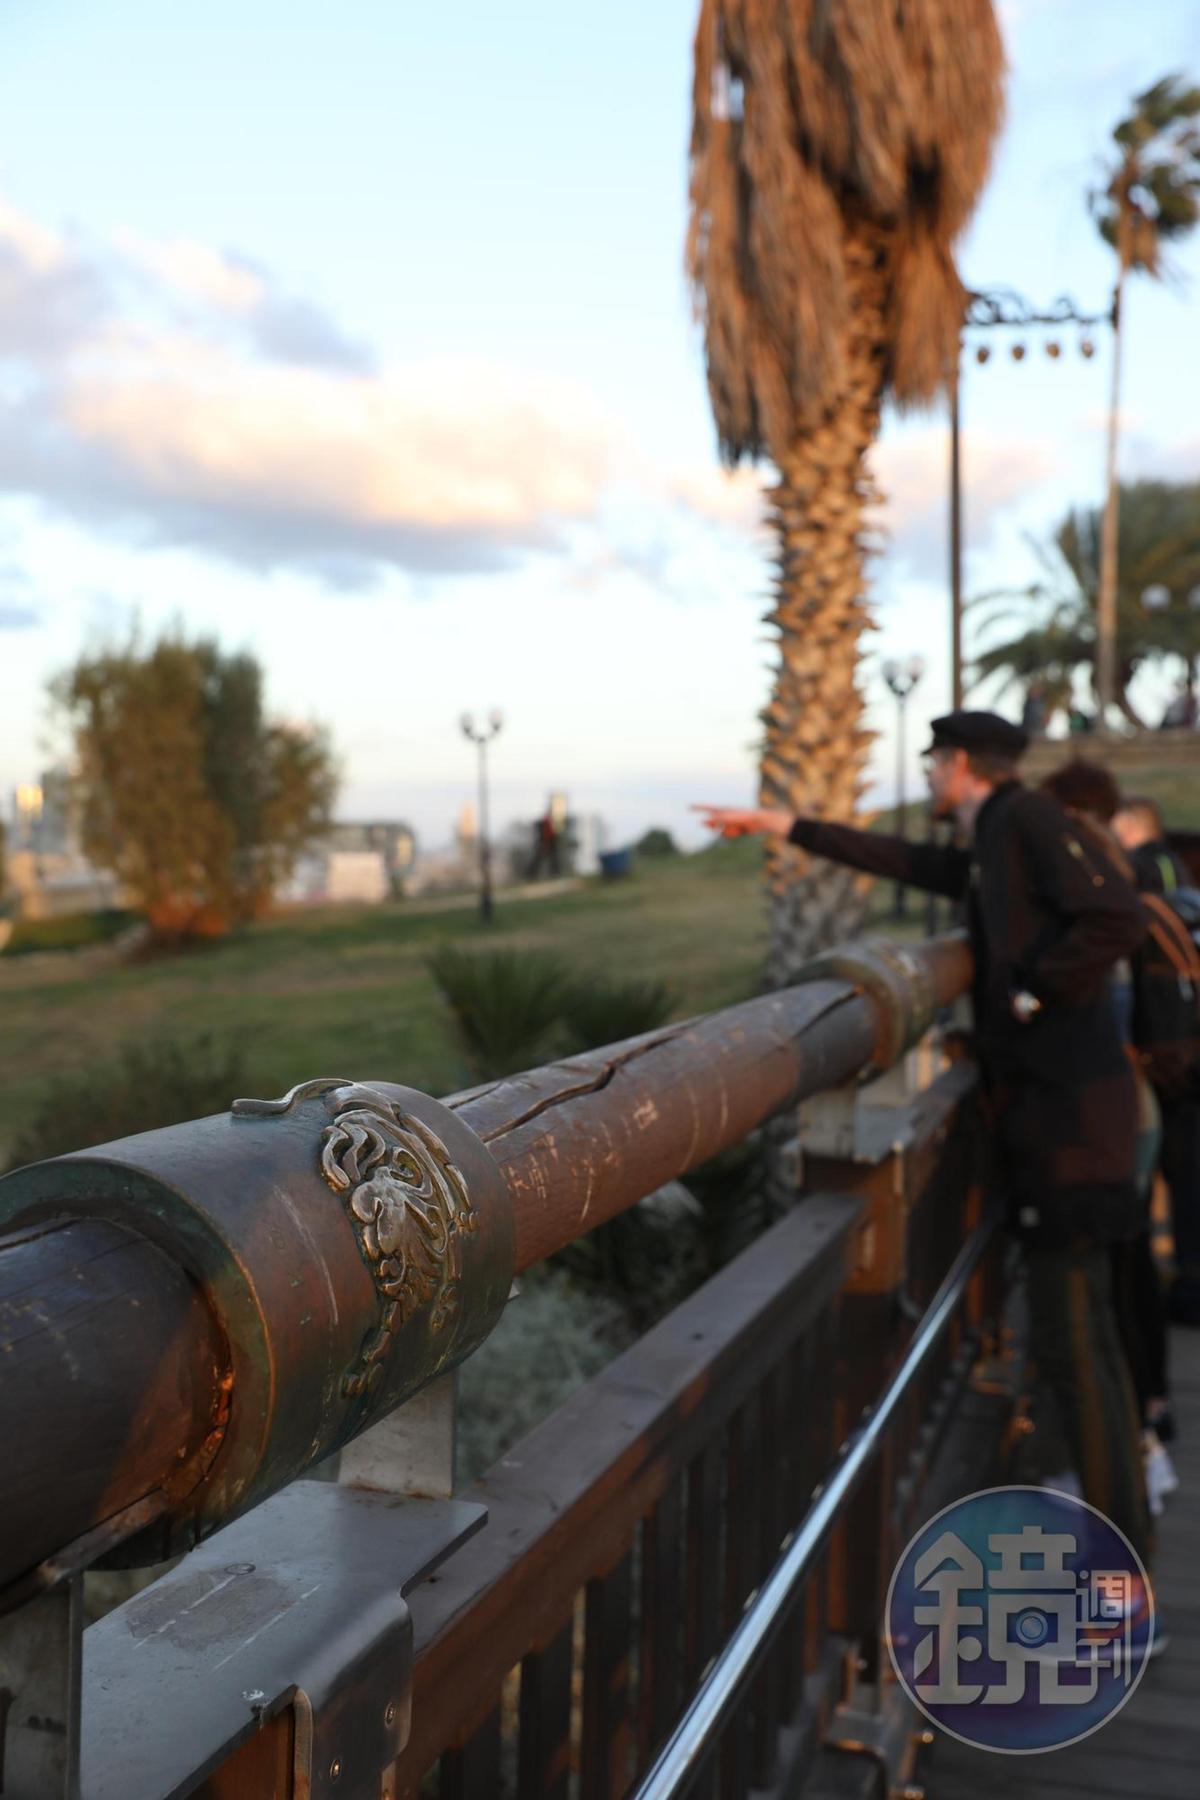 雅法居民篤信星座,老城中的十二星座橋,是著名景點。